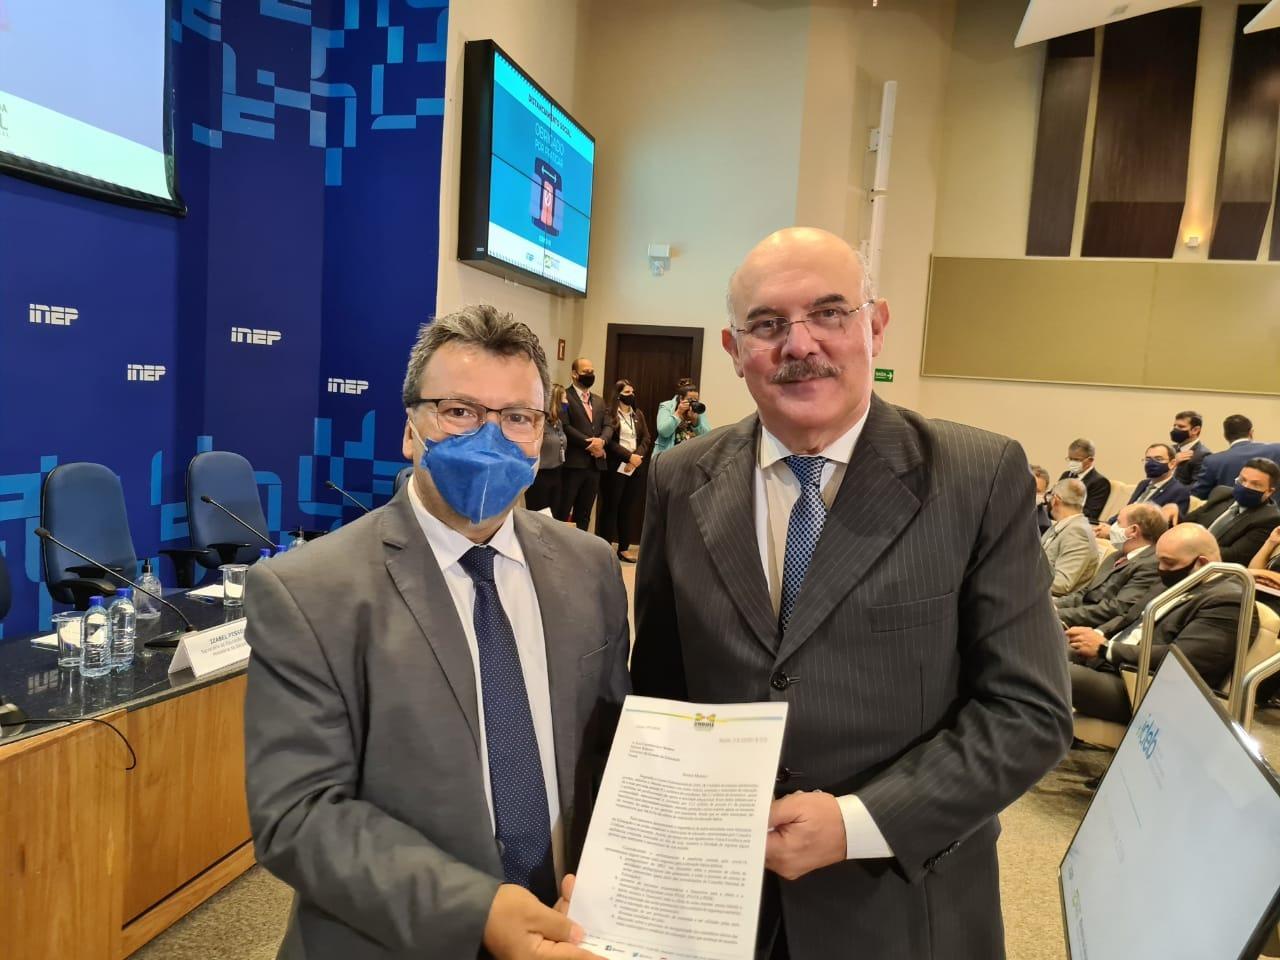 A Undime fez uma solicitação formal ao Ministro da Educação, Milton Ribeiro, para que fosse articulado junto ao Ministério da Saúde a garantia de vacinação da comunidade escolar